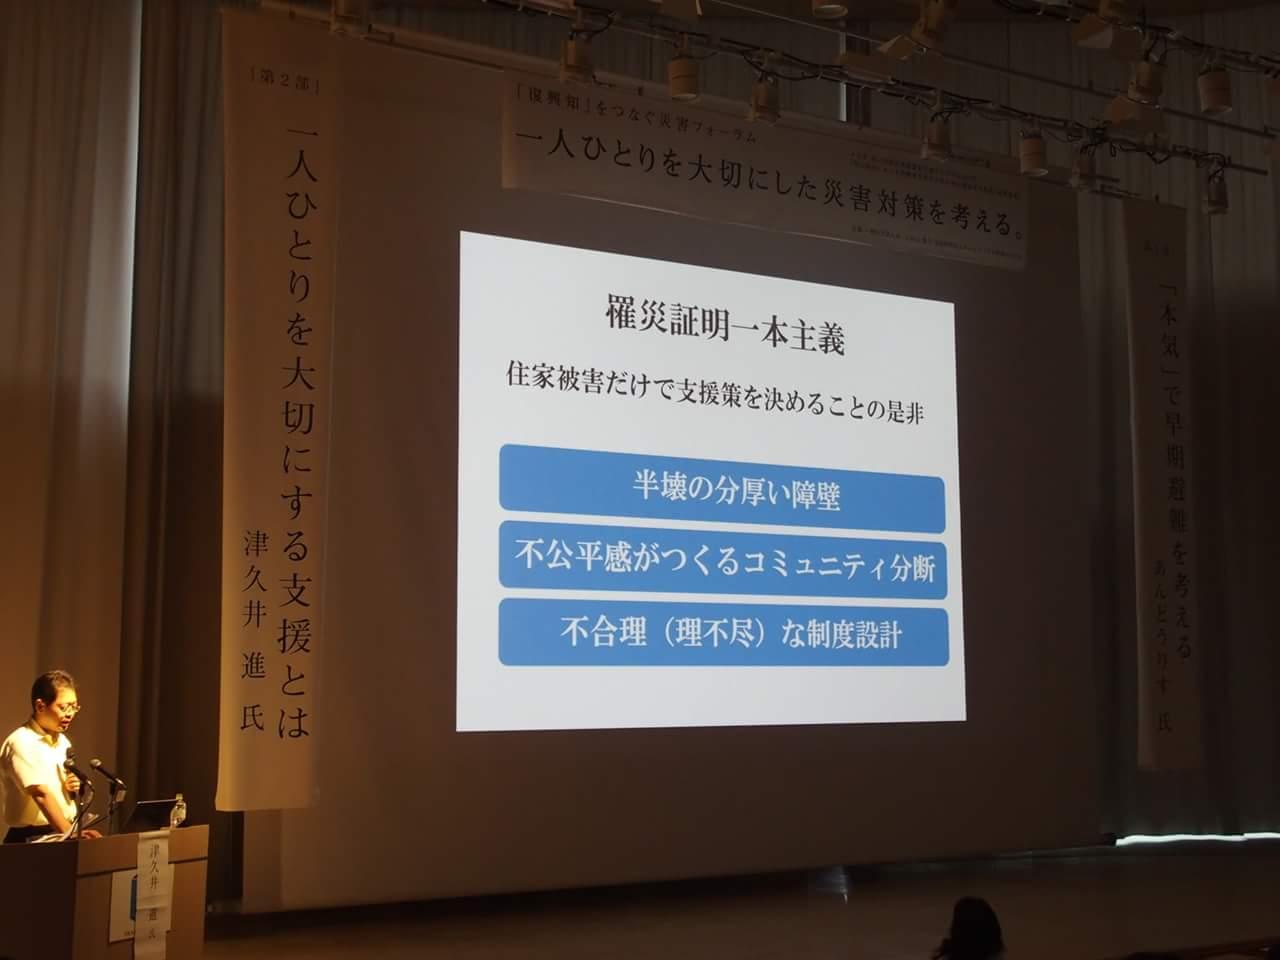 一般社団法人ほっと岡山が主催するシンポジウム「一人ひとりを大切にした災害対策を考える」に参加しました。